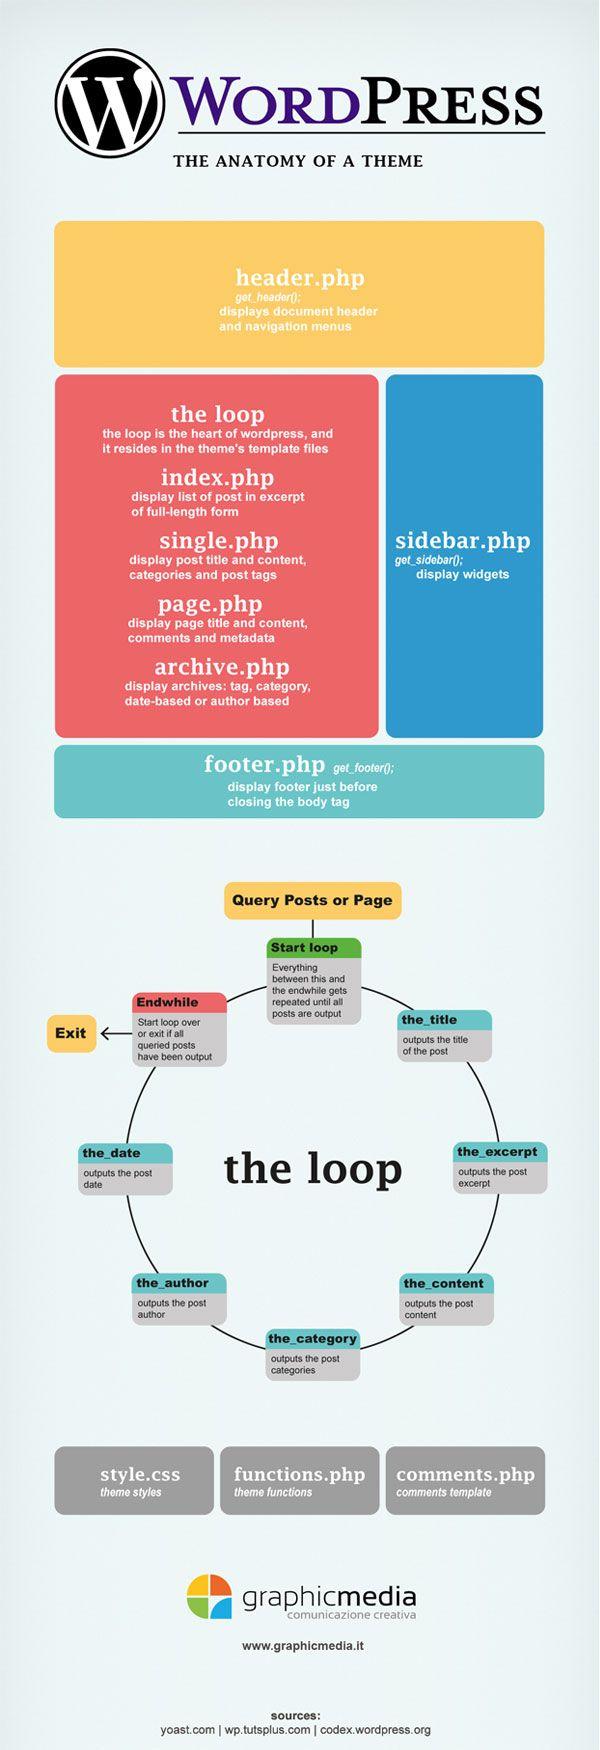 Siti in WordPress: L'anatomia di un tema